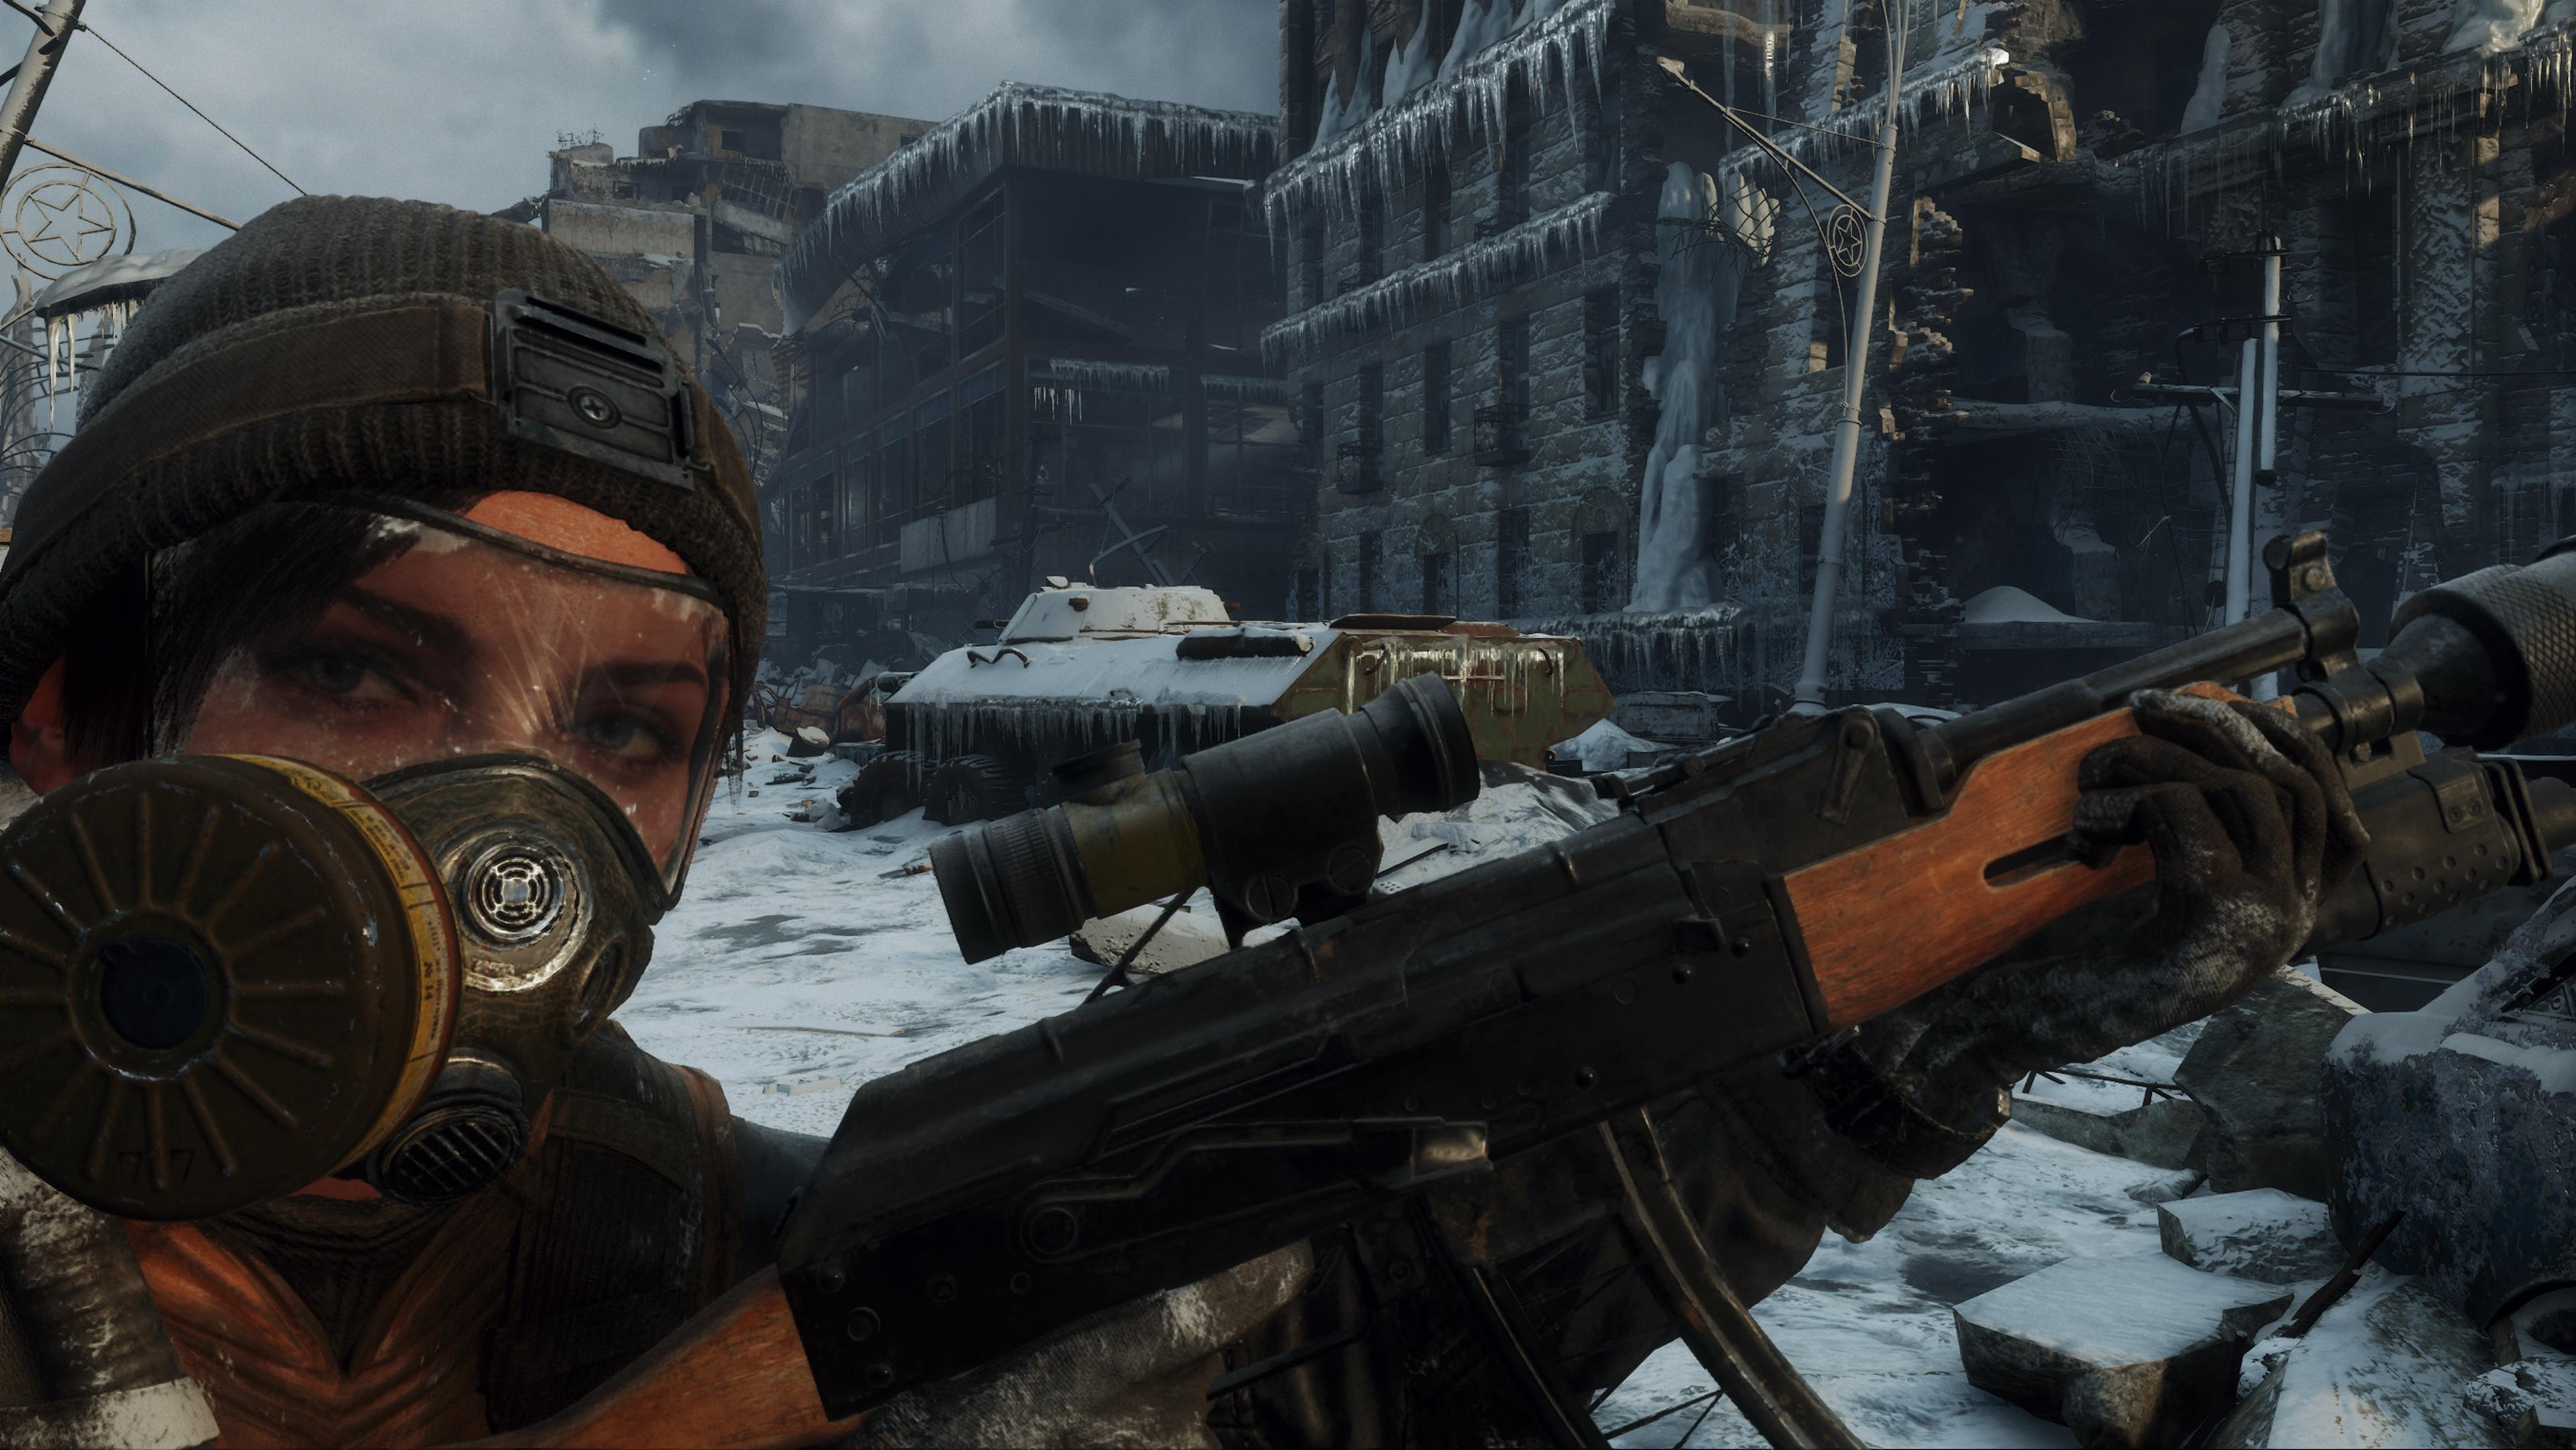 Metro Исход скриншоты с Nvidia GeForce RTX 2080 - Metro Exodus